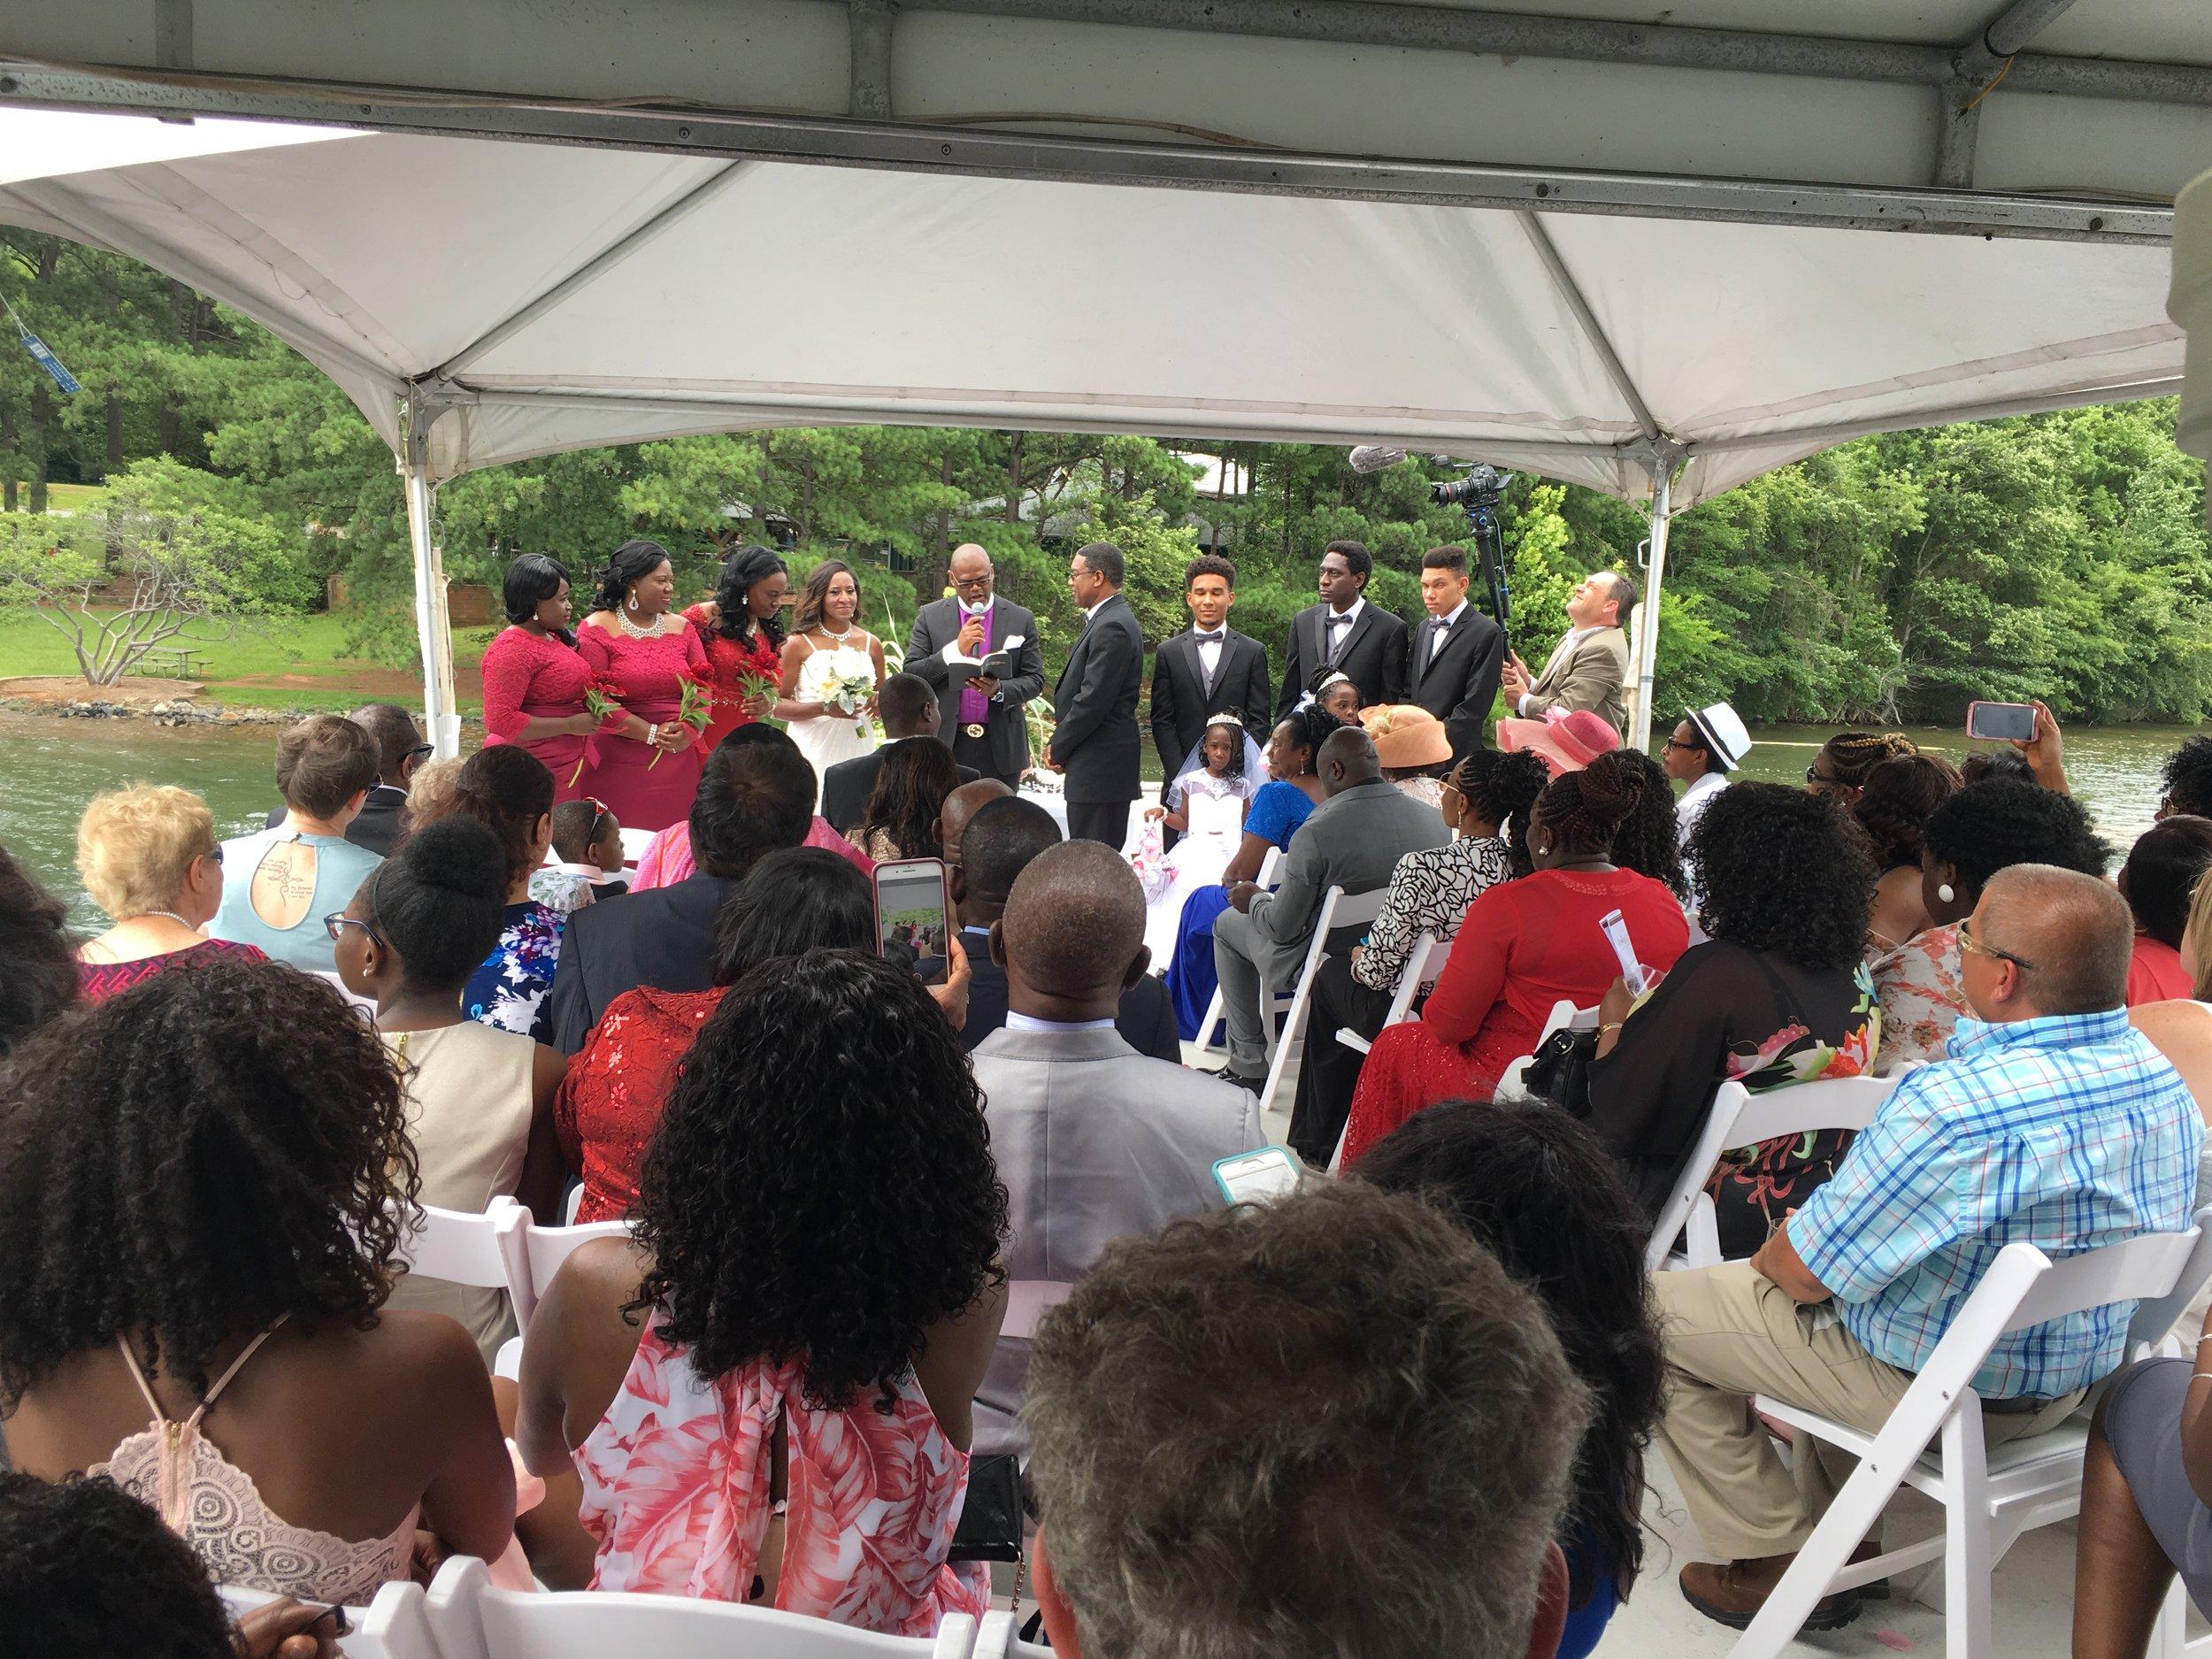 Reich Wedding, June 24th 2017